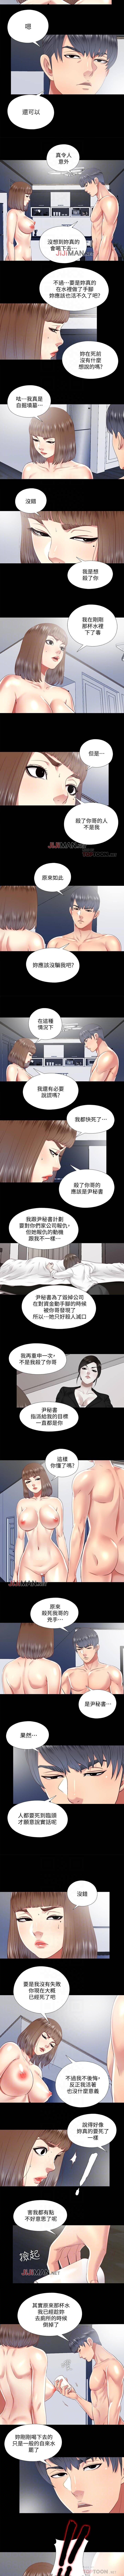 【已完结】同居捉迷藏(作者:林巨星) 第1~30话 112